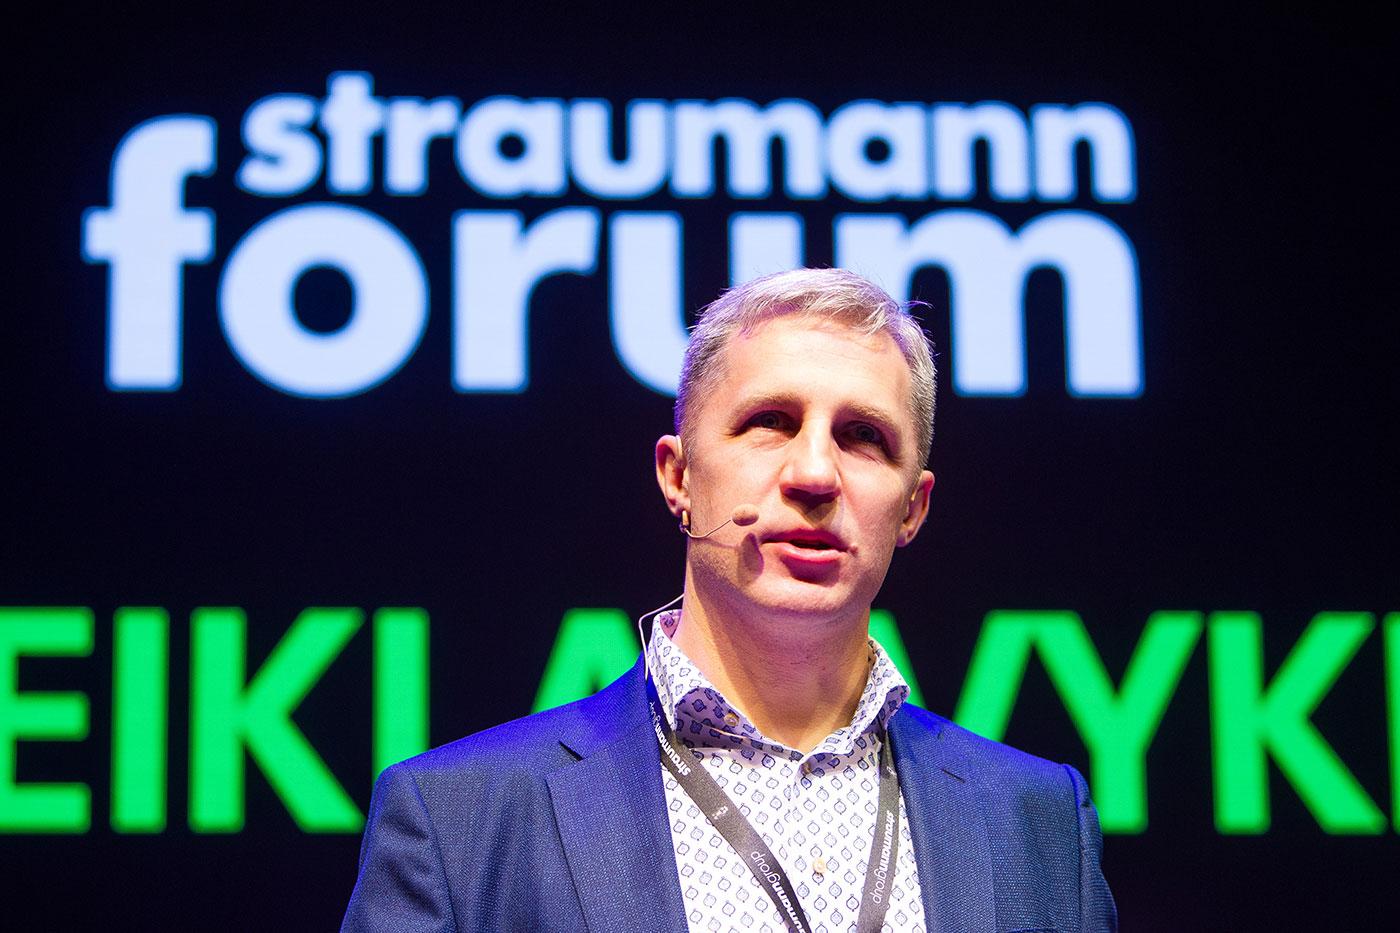 """Tarptautinė konferencija ,,Straumann Forum"""""""